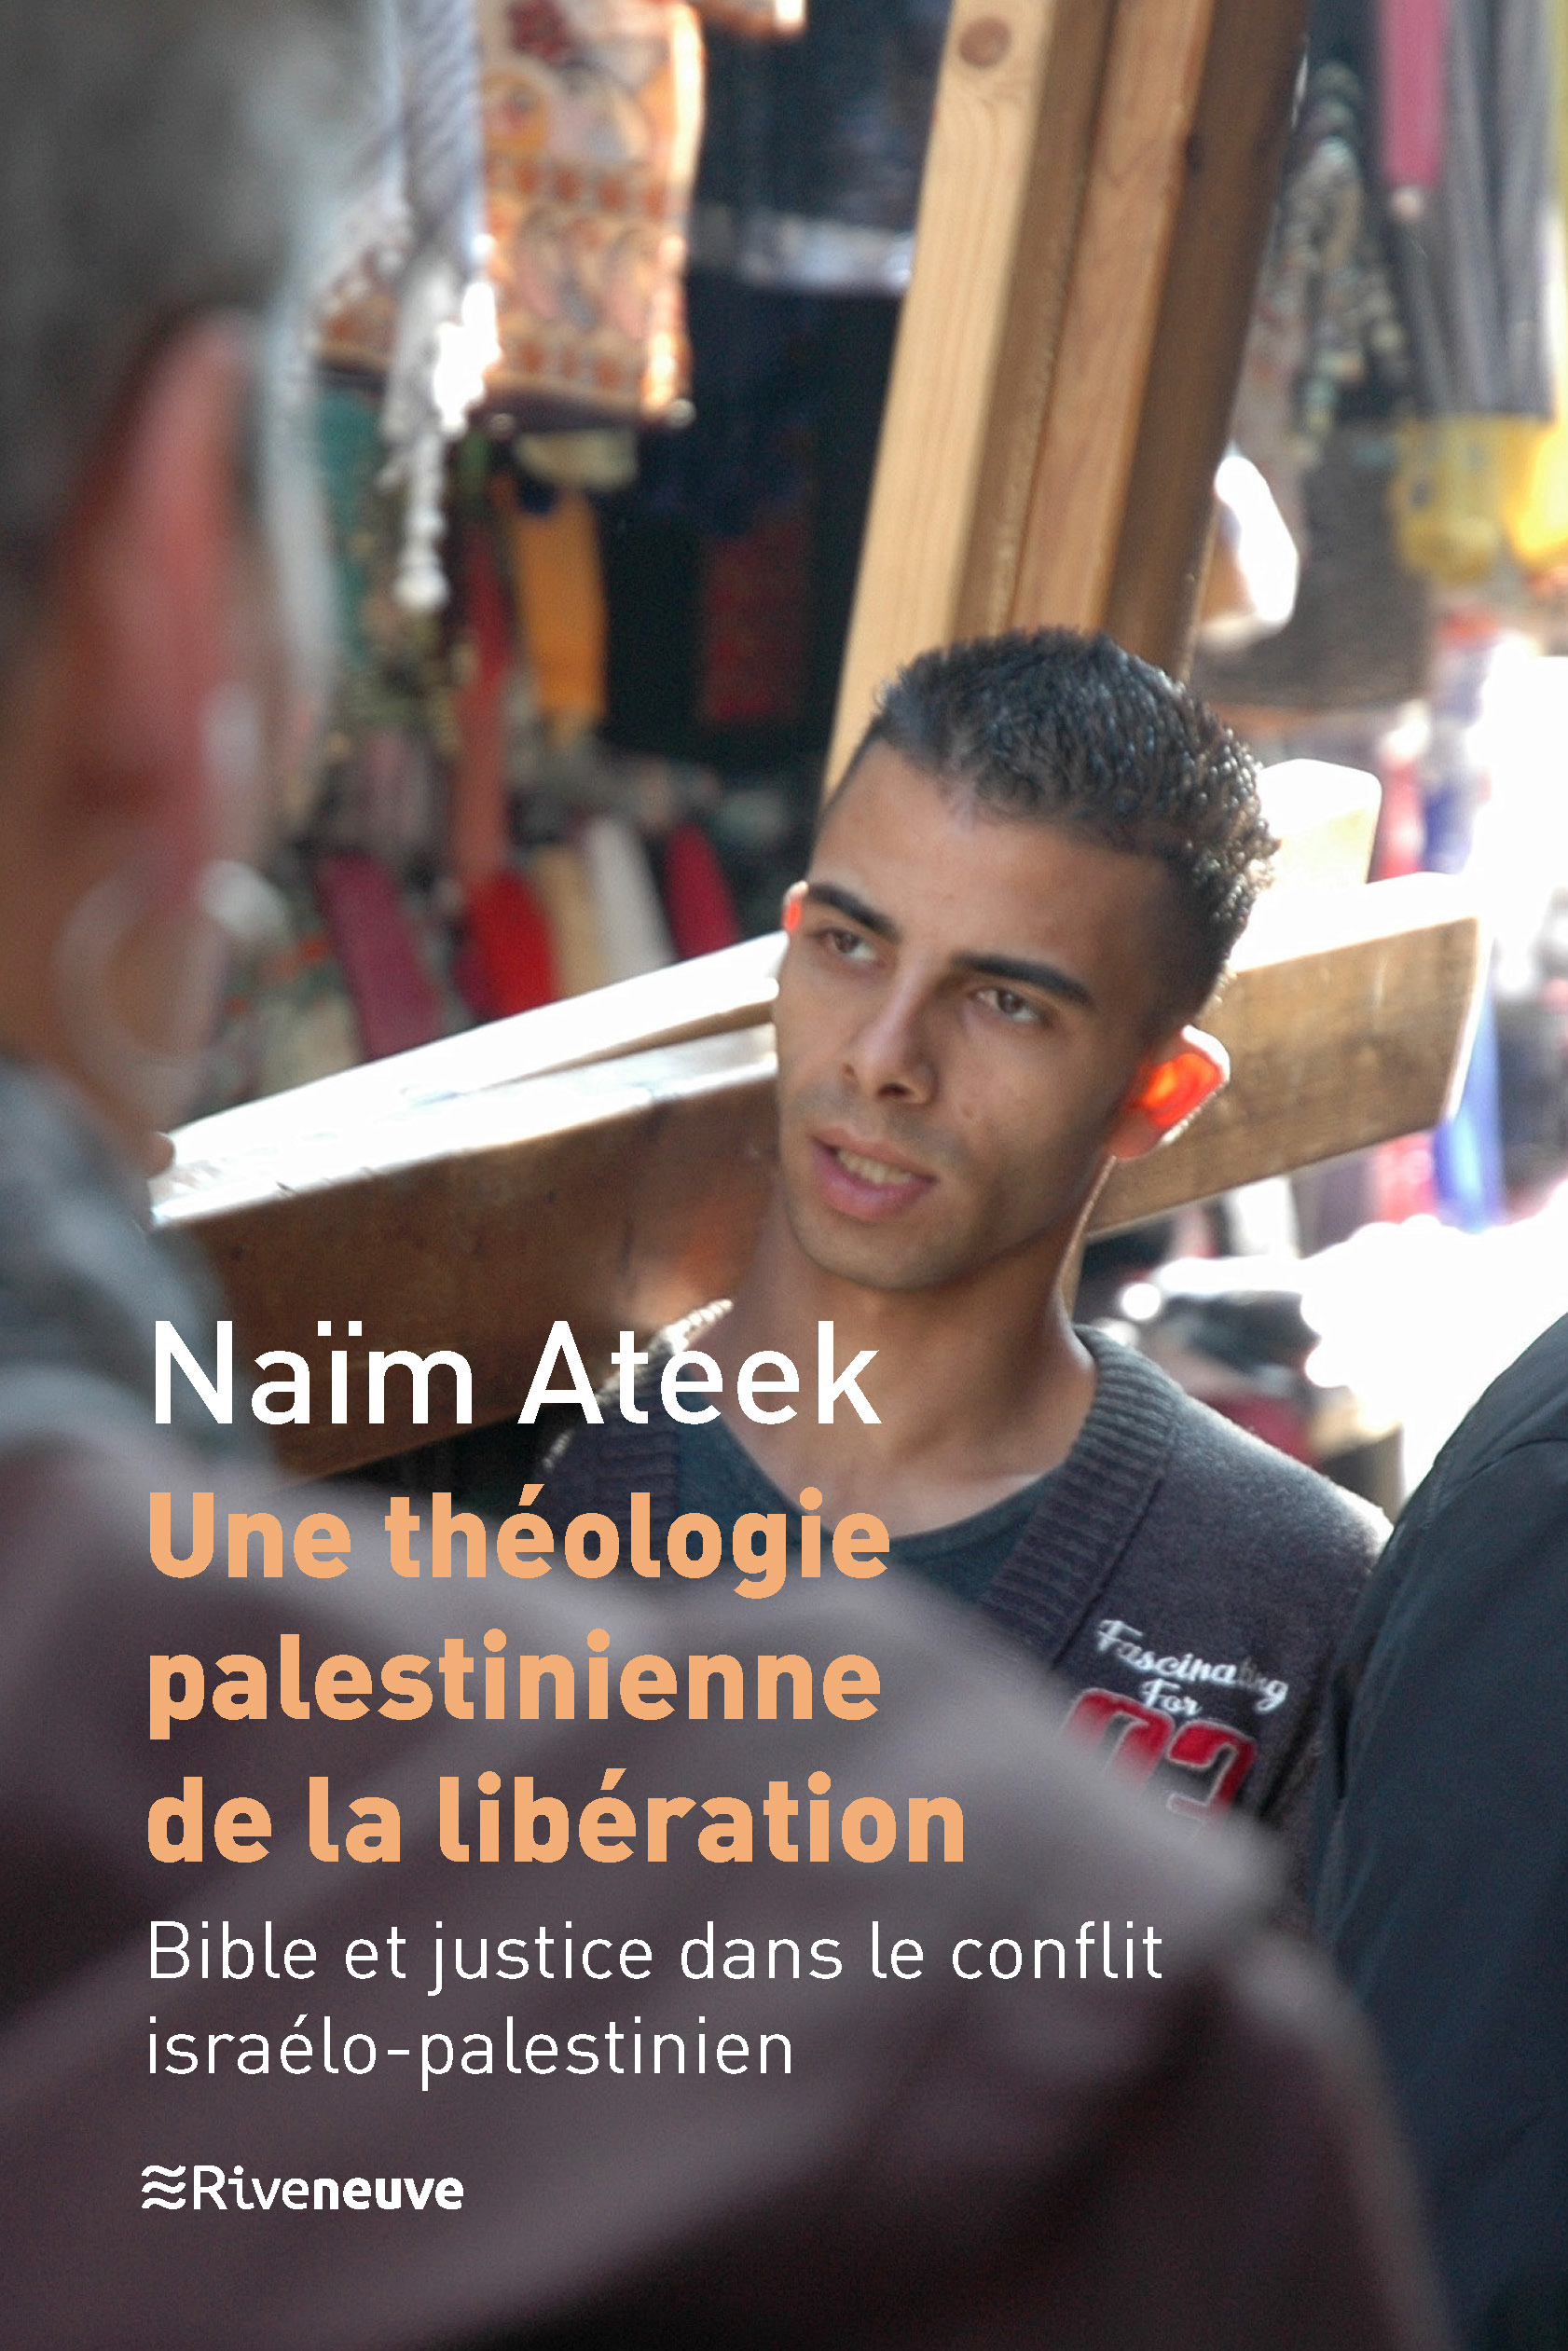 Une Théologie palestinienne de la Libération